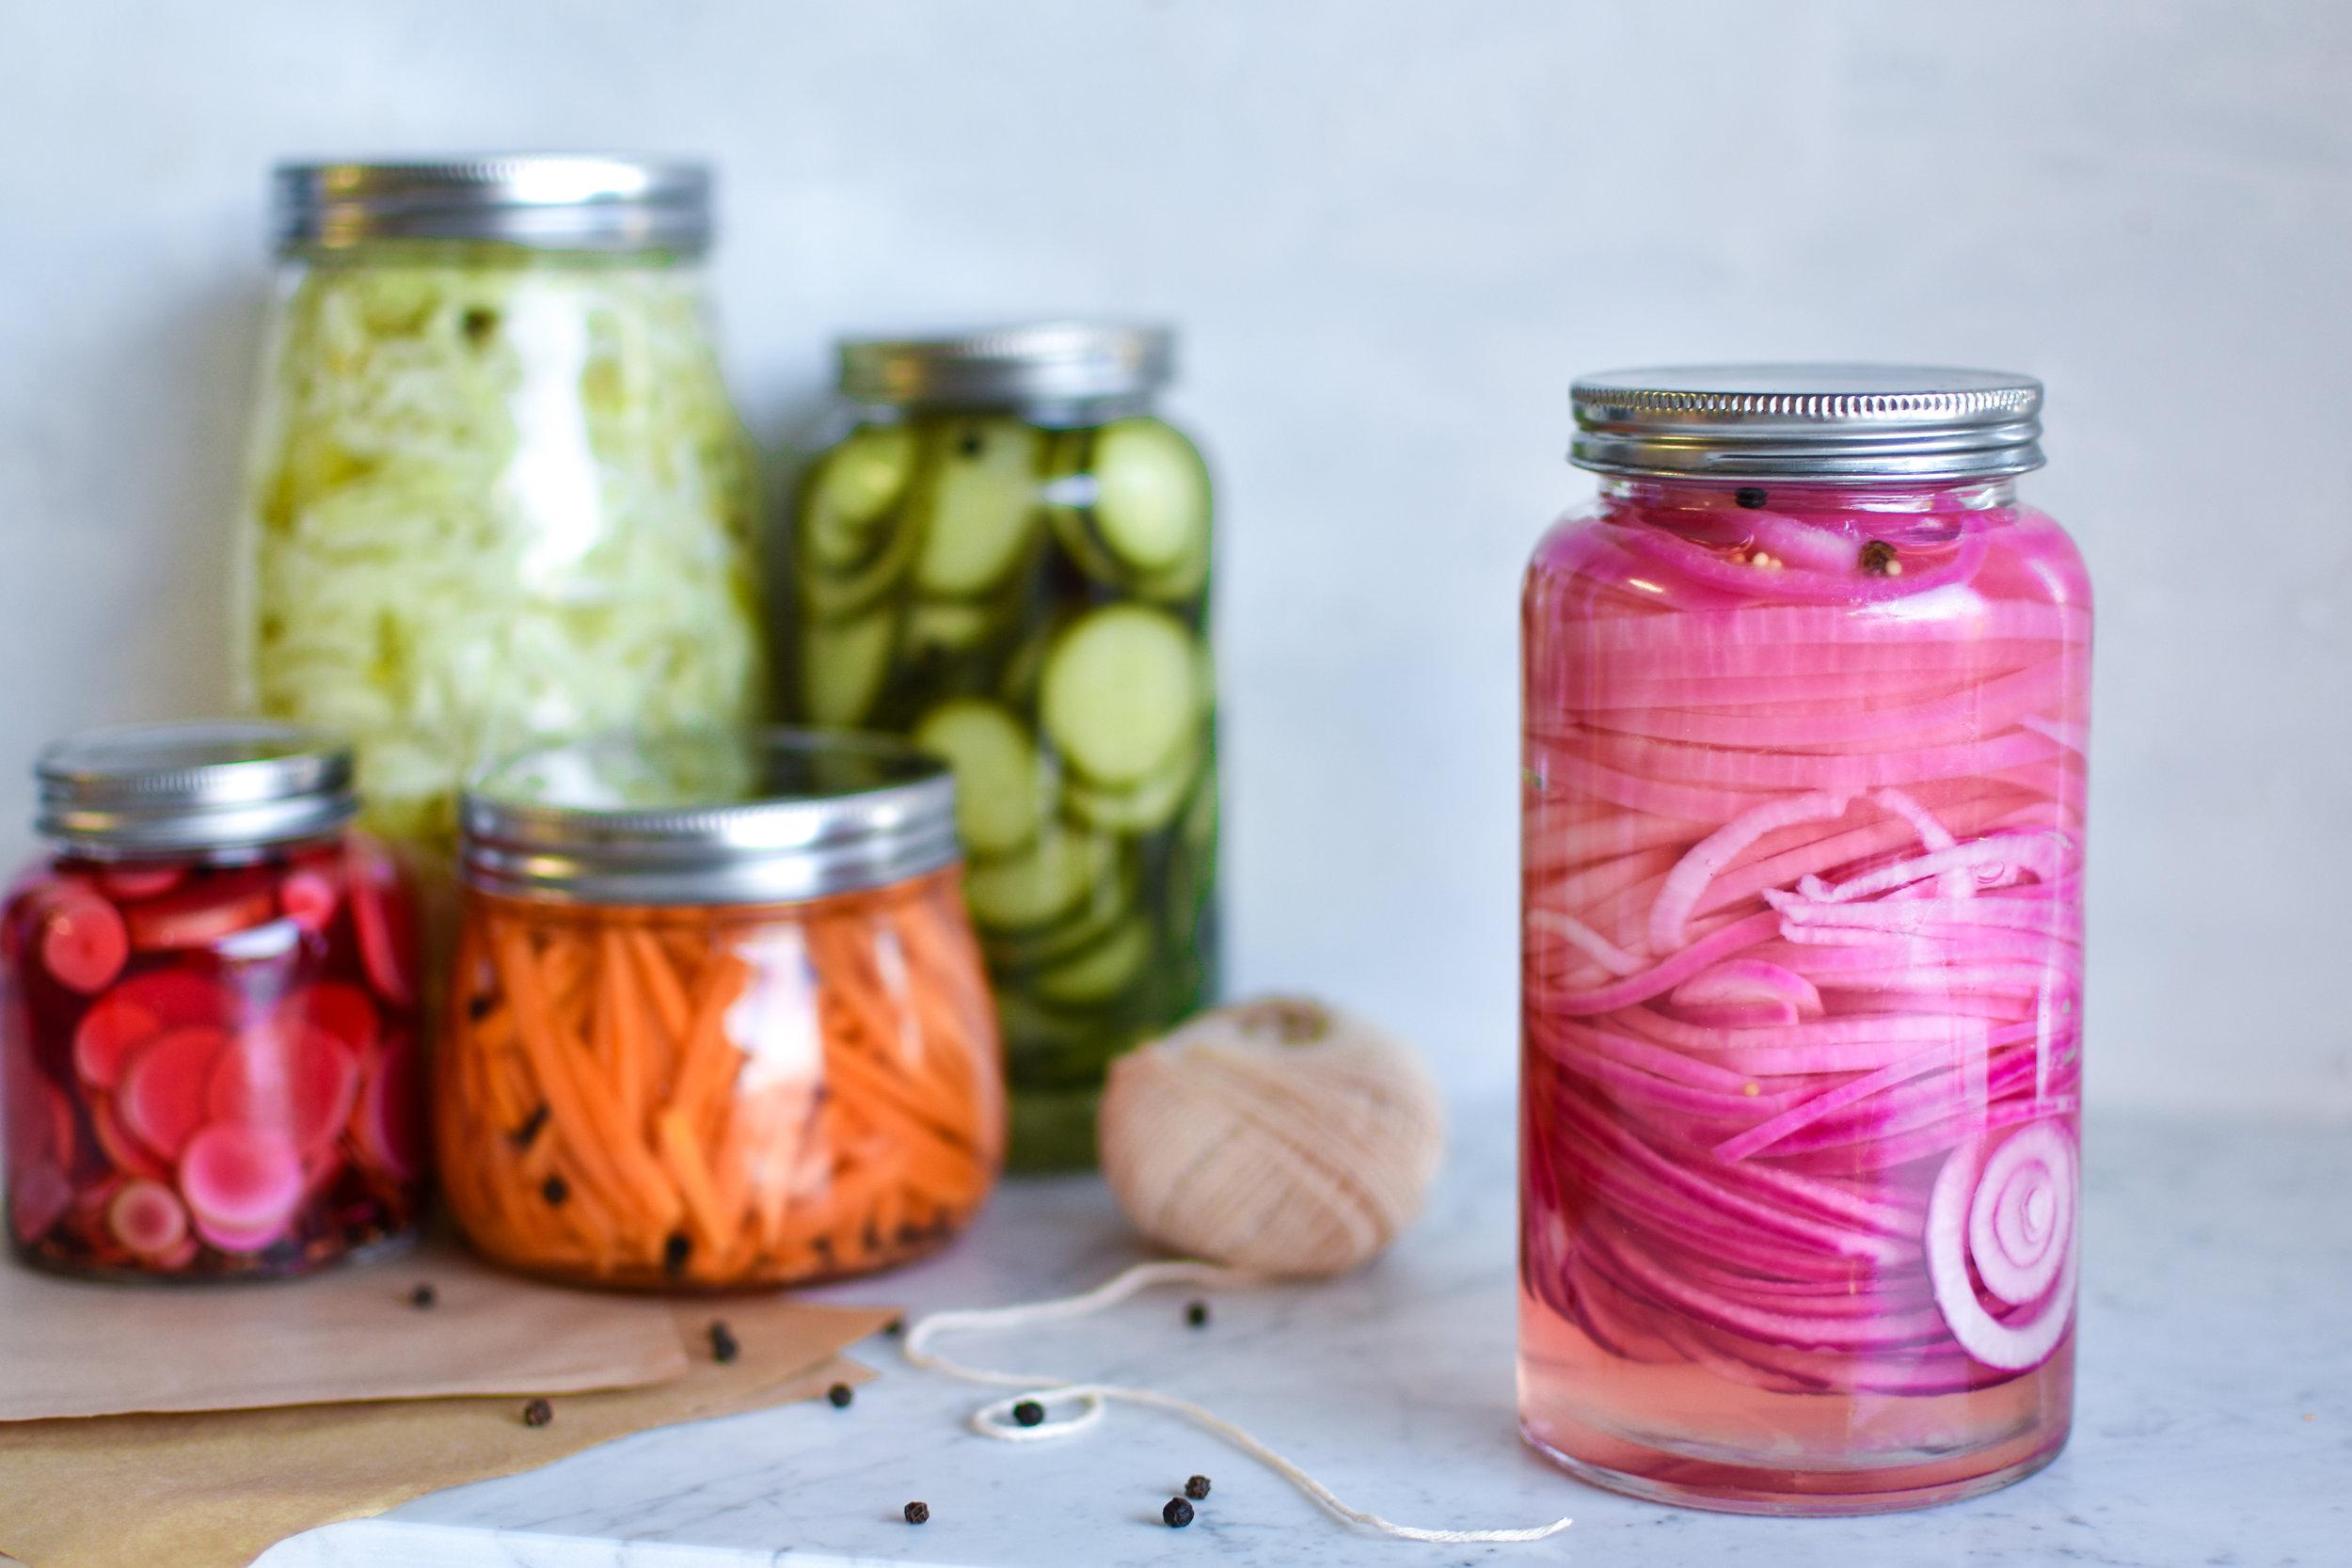 quick-pickles-recipe-image